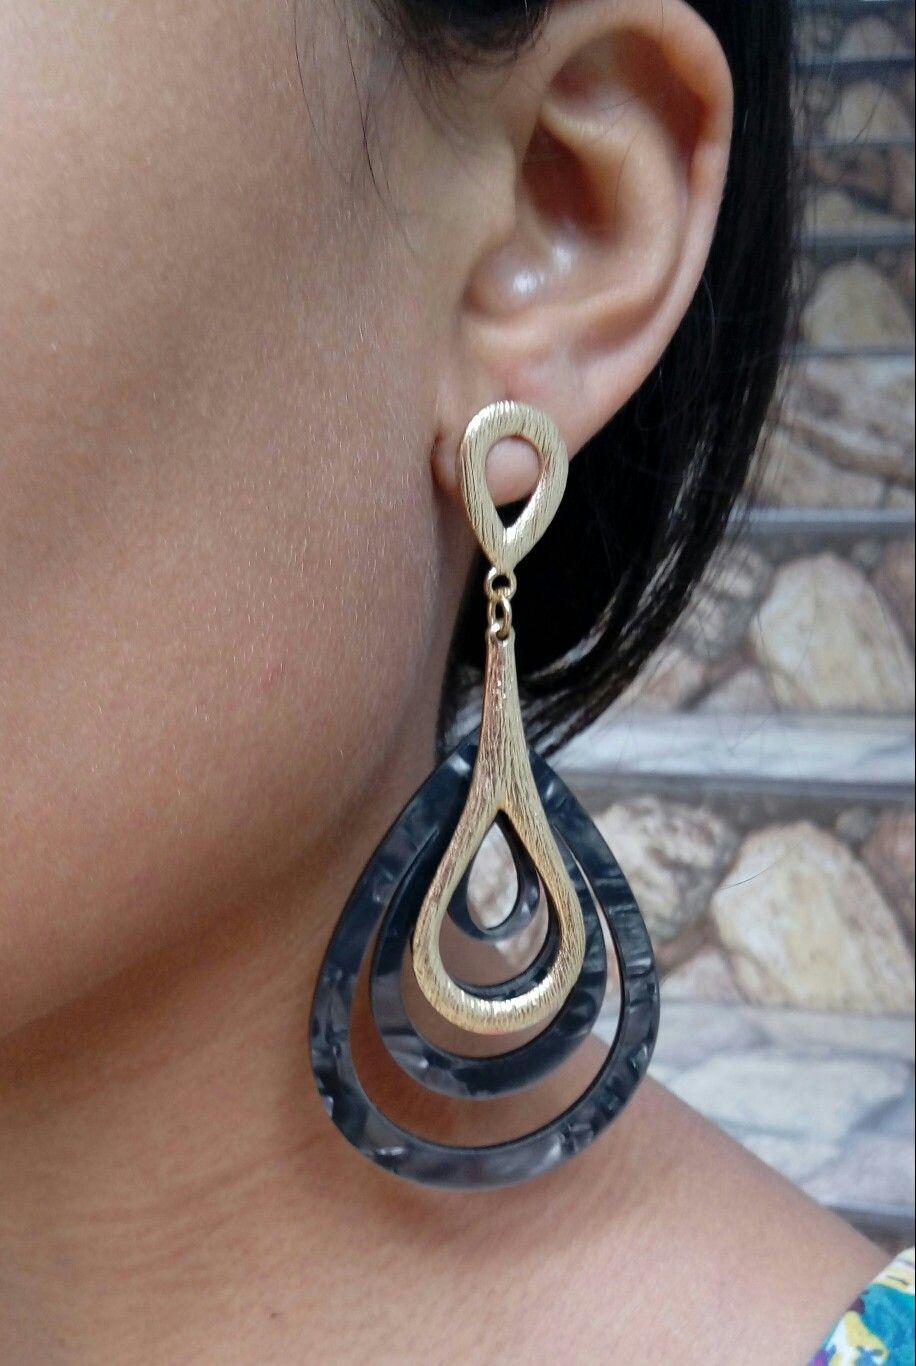 Body piercing earrings  Maxi Brinco de Acrílico Super Leve Cinza Escuro Por R  ou x